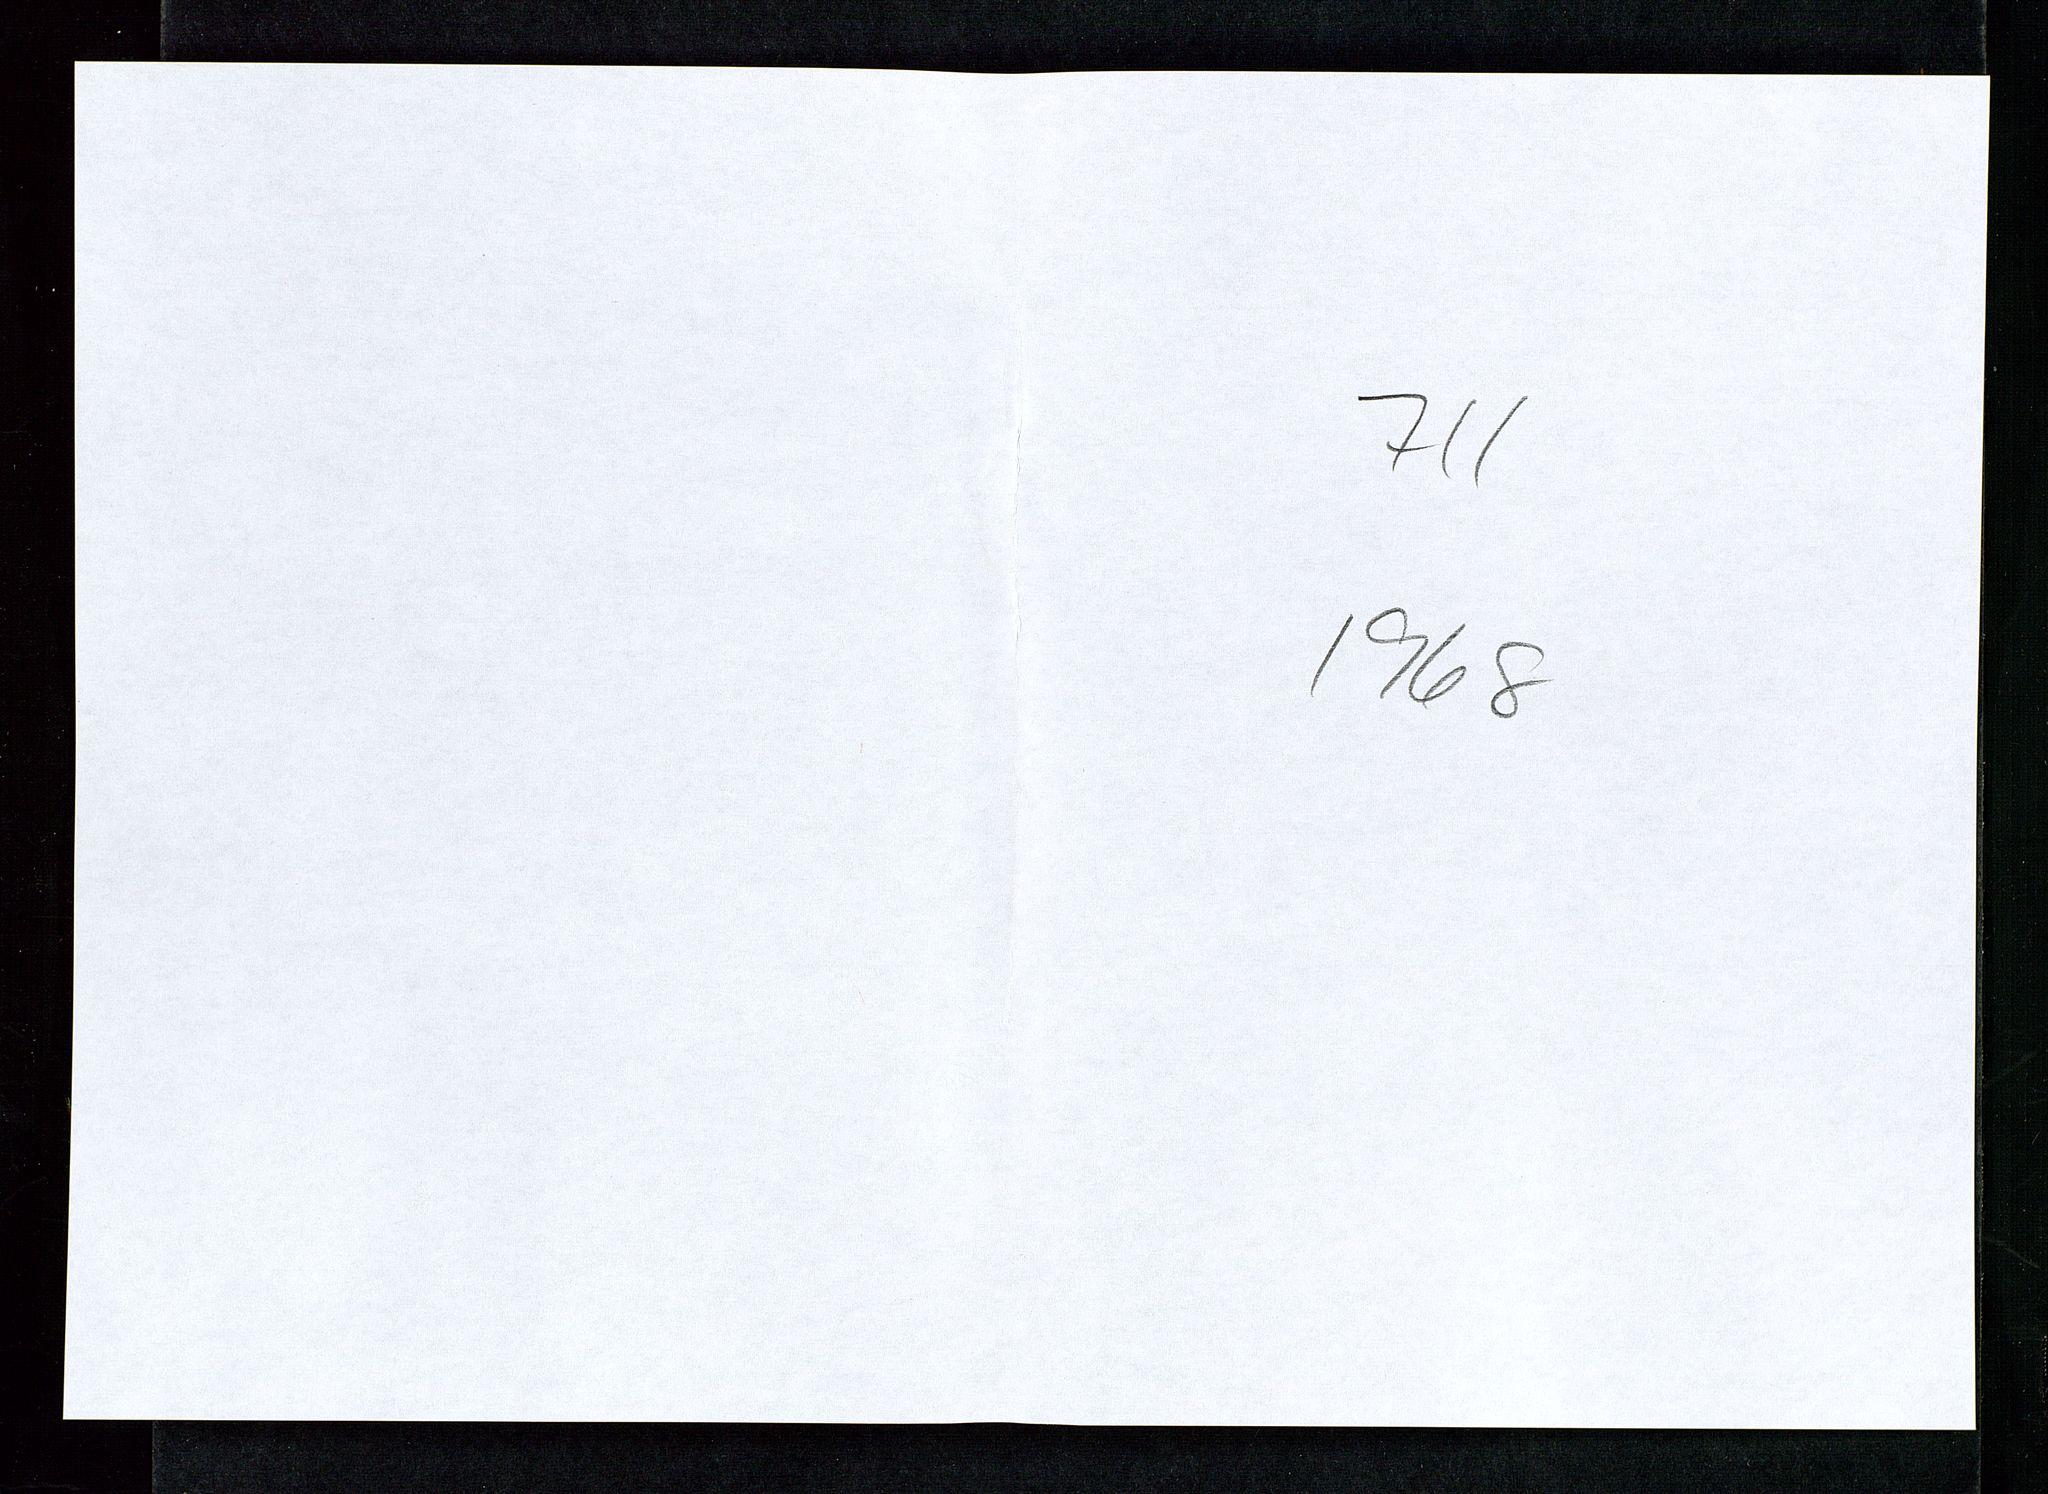 SAST, Industridepartementet, Oljekontoret, Da/L0003: Arkivnøkkel 711 Undersøkelser og utforskning, 1963-1971, s. 483